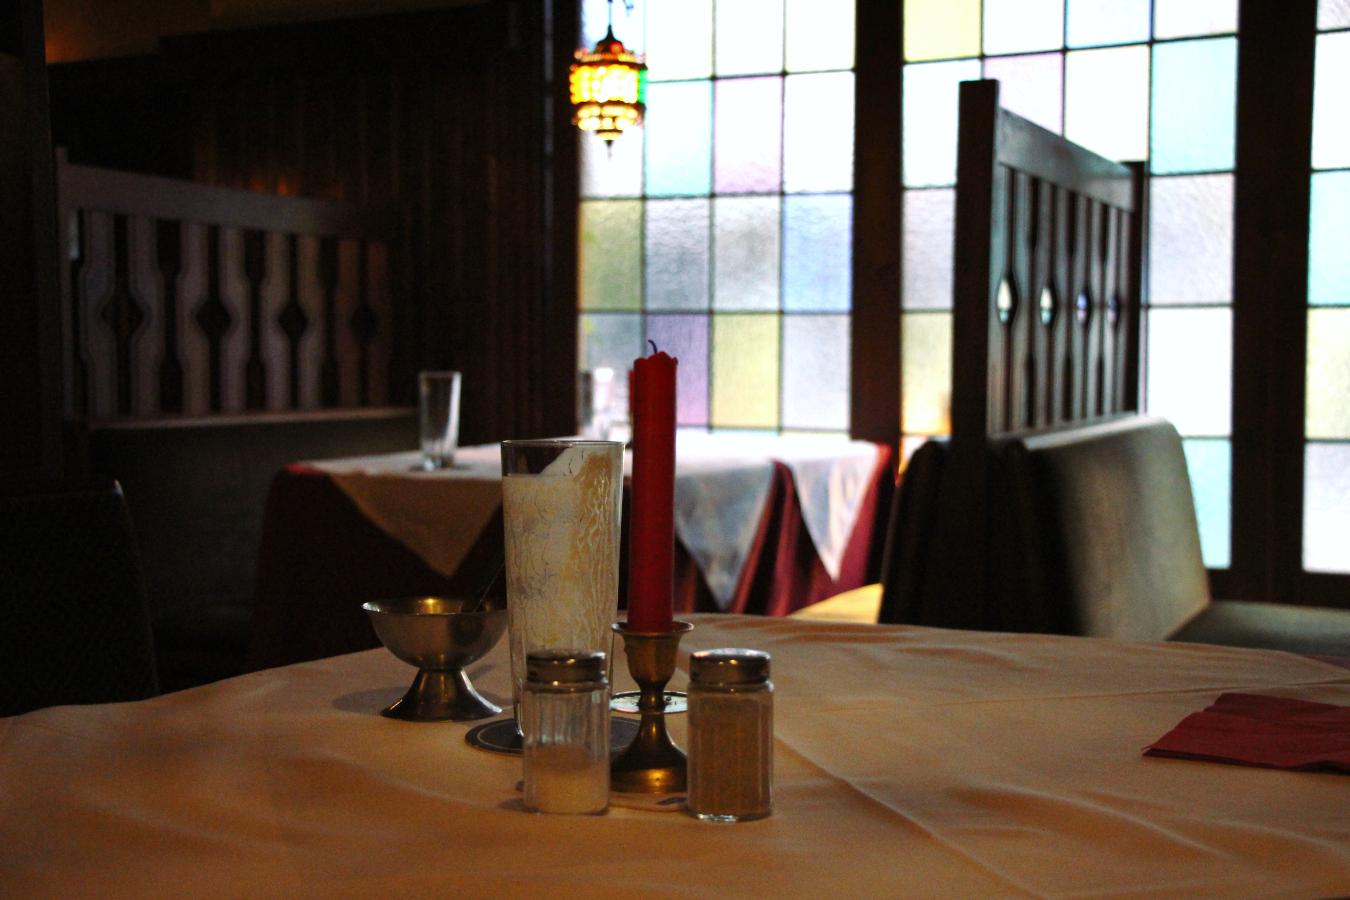 Das Restaurant Delhi schließt Ende dieses Jahres. Foto: Sophia Kleiner